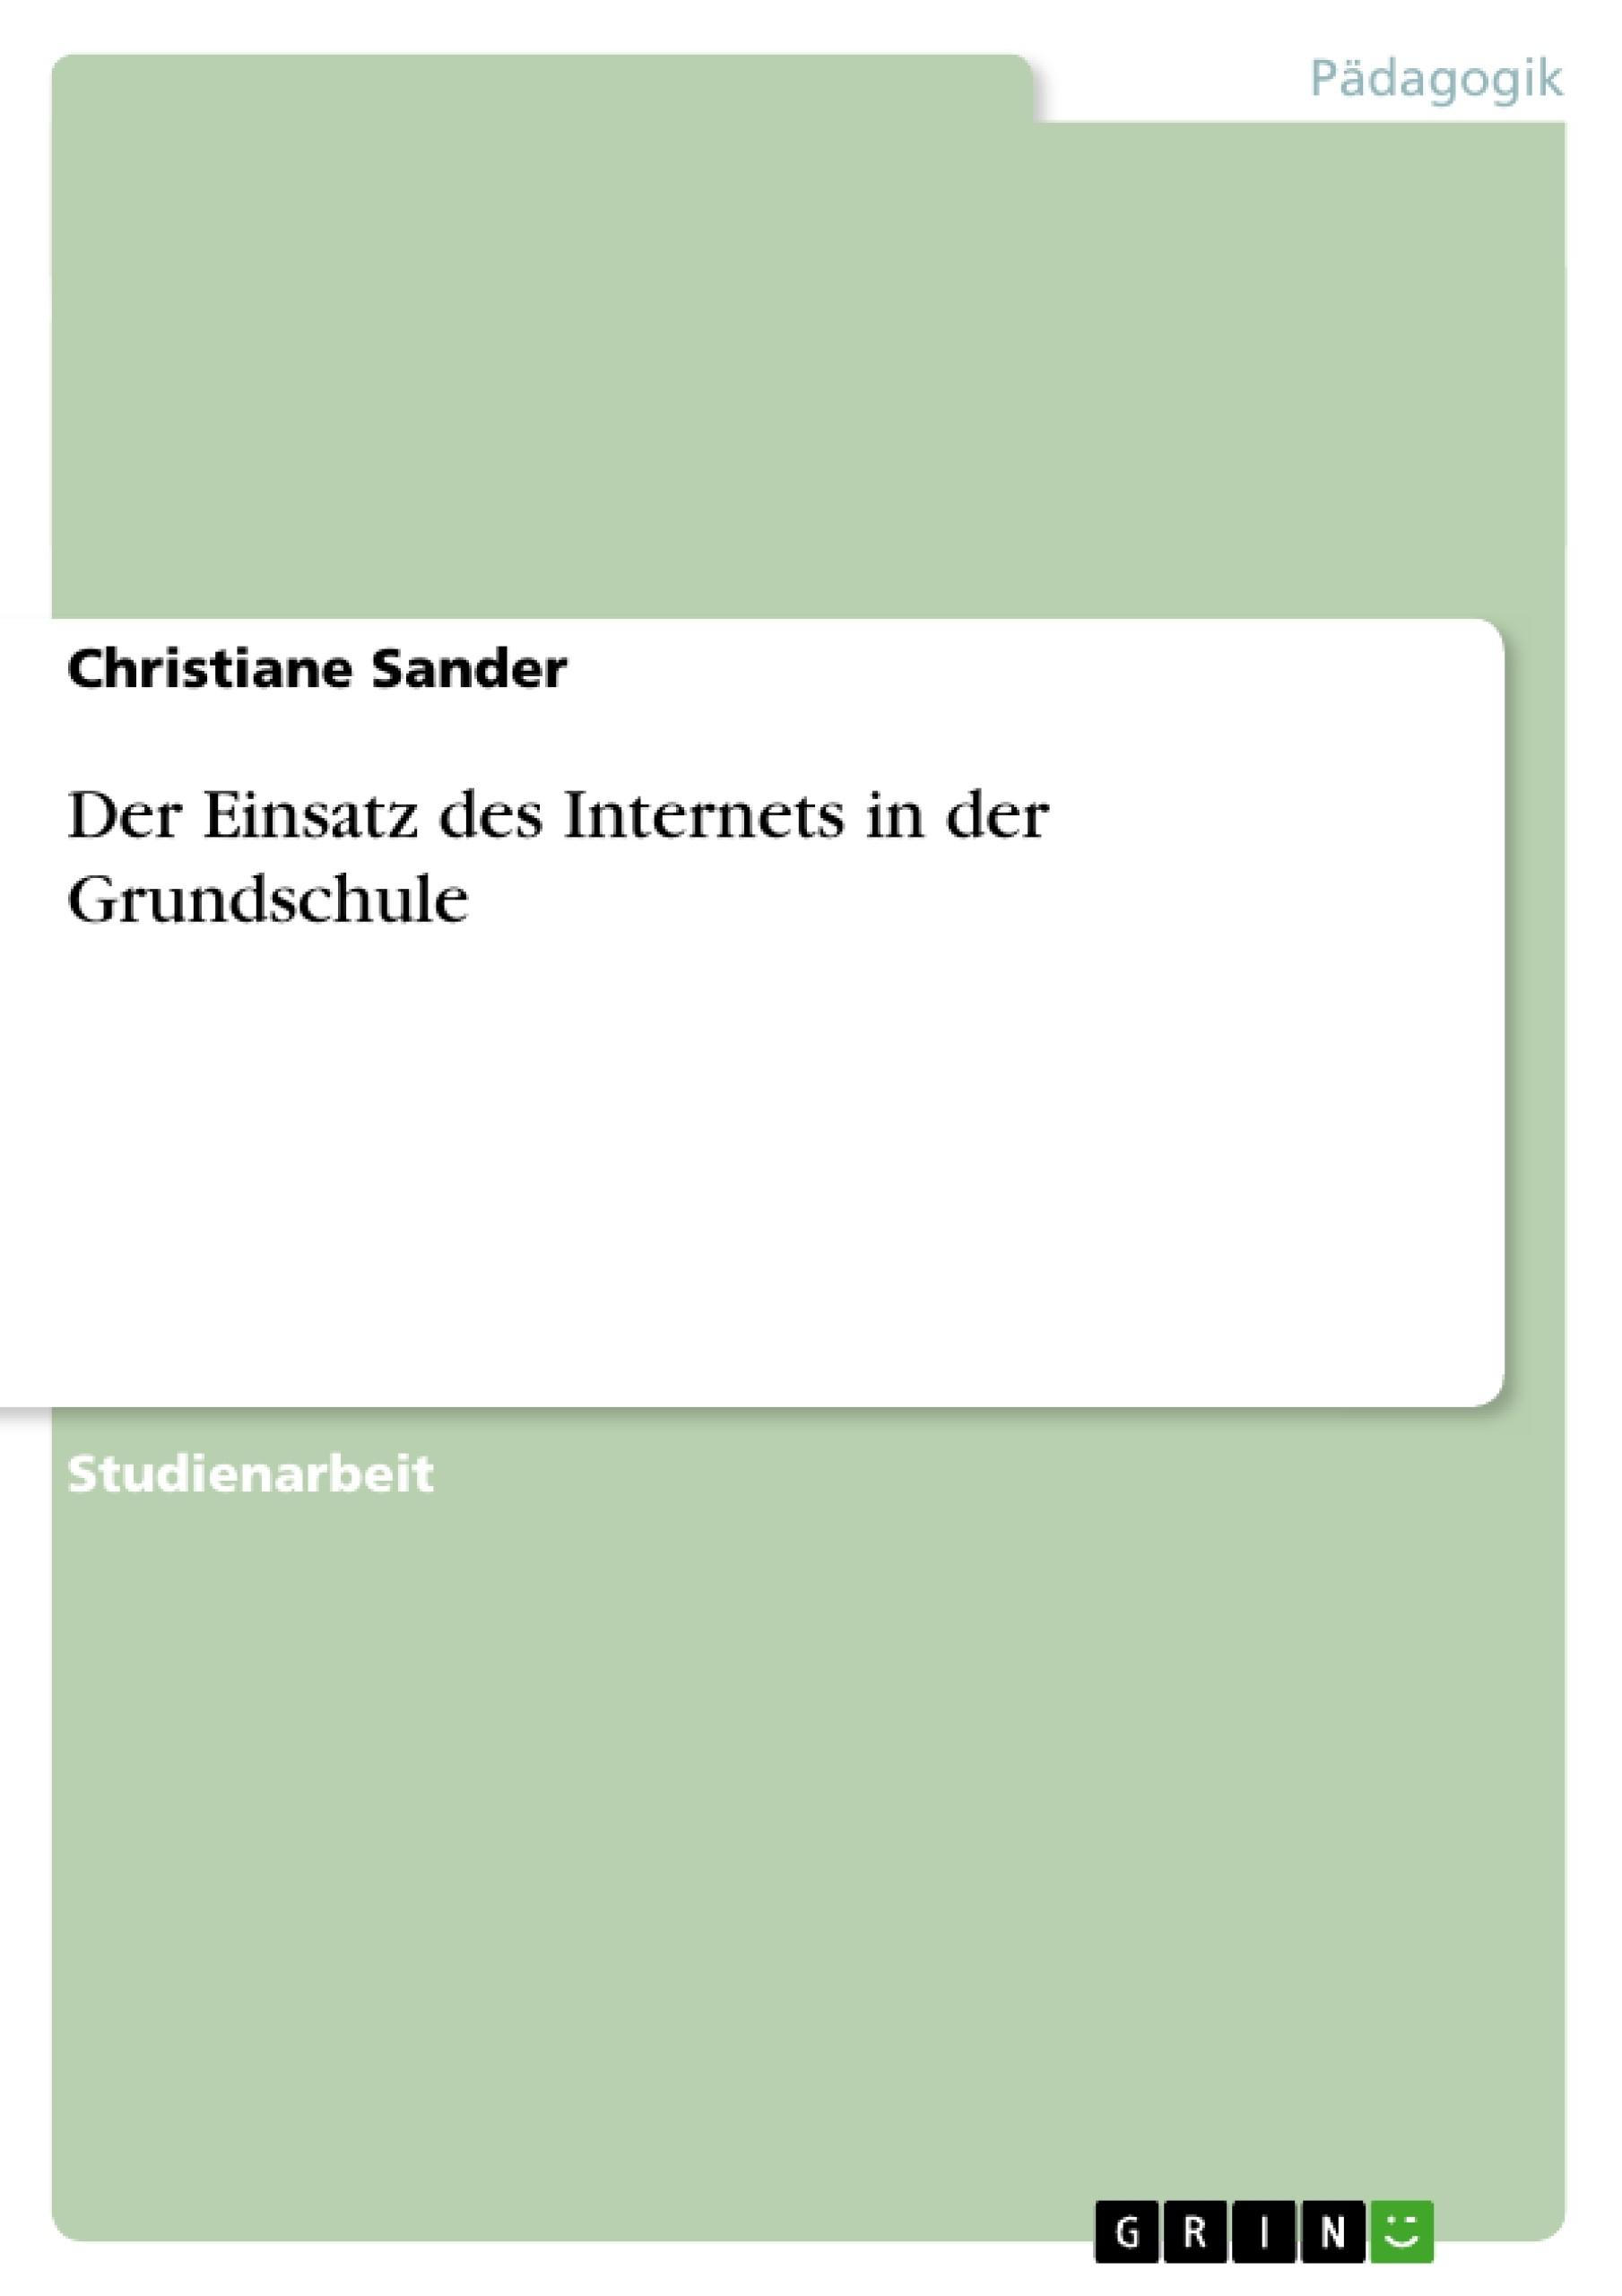 Titel: Der Einsatz des Internets in der Grundschule